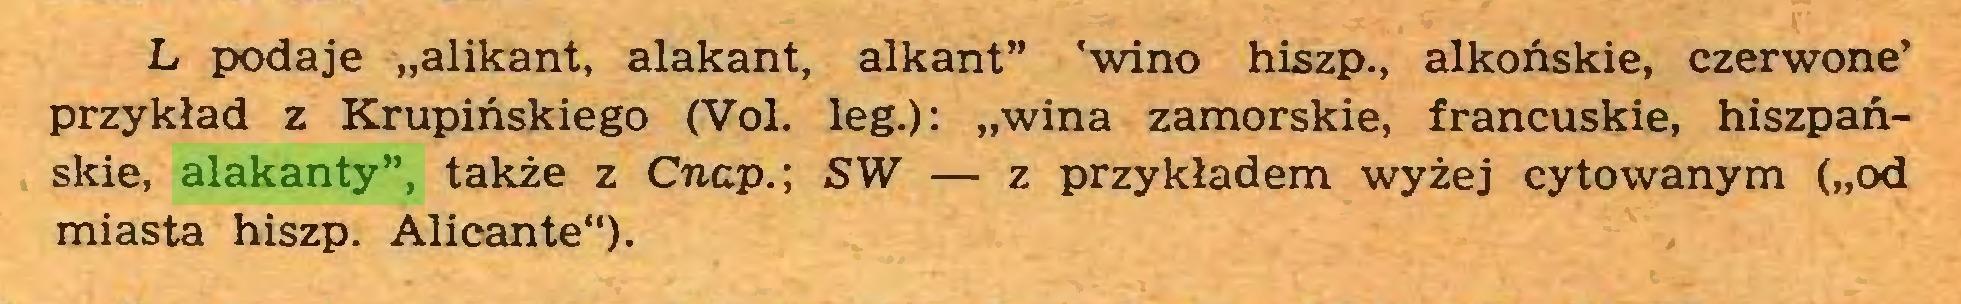 """(...) L podaje """"alikant, alakant, alkant"""" 'wino hiszp., alkońskie, czerwone' przykład z Krupińskiego (Vol. leg.): """"wina zamorskie, francuskie, hiszpańskie, alakanty"""", także z Cnap.\ SW — z przykładem wyżej cytowanym (""""od miasta hiszp. Alicante"""")..."""